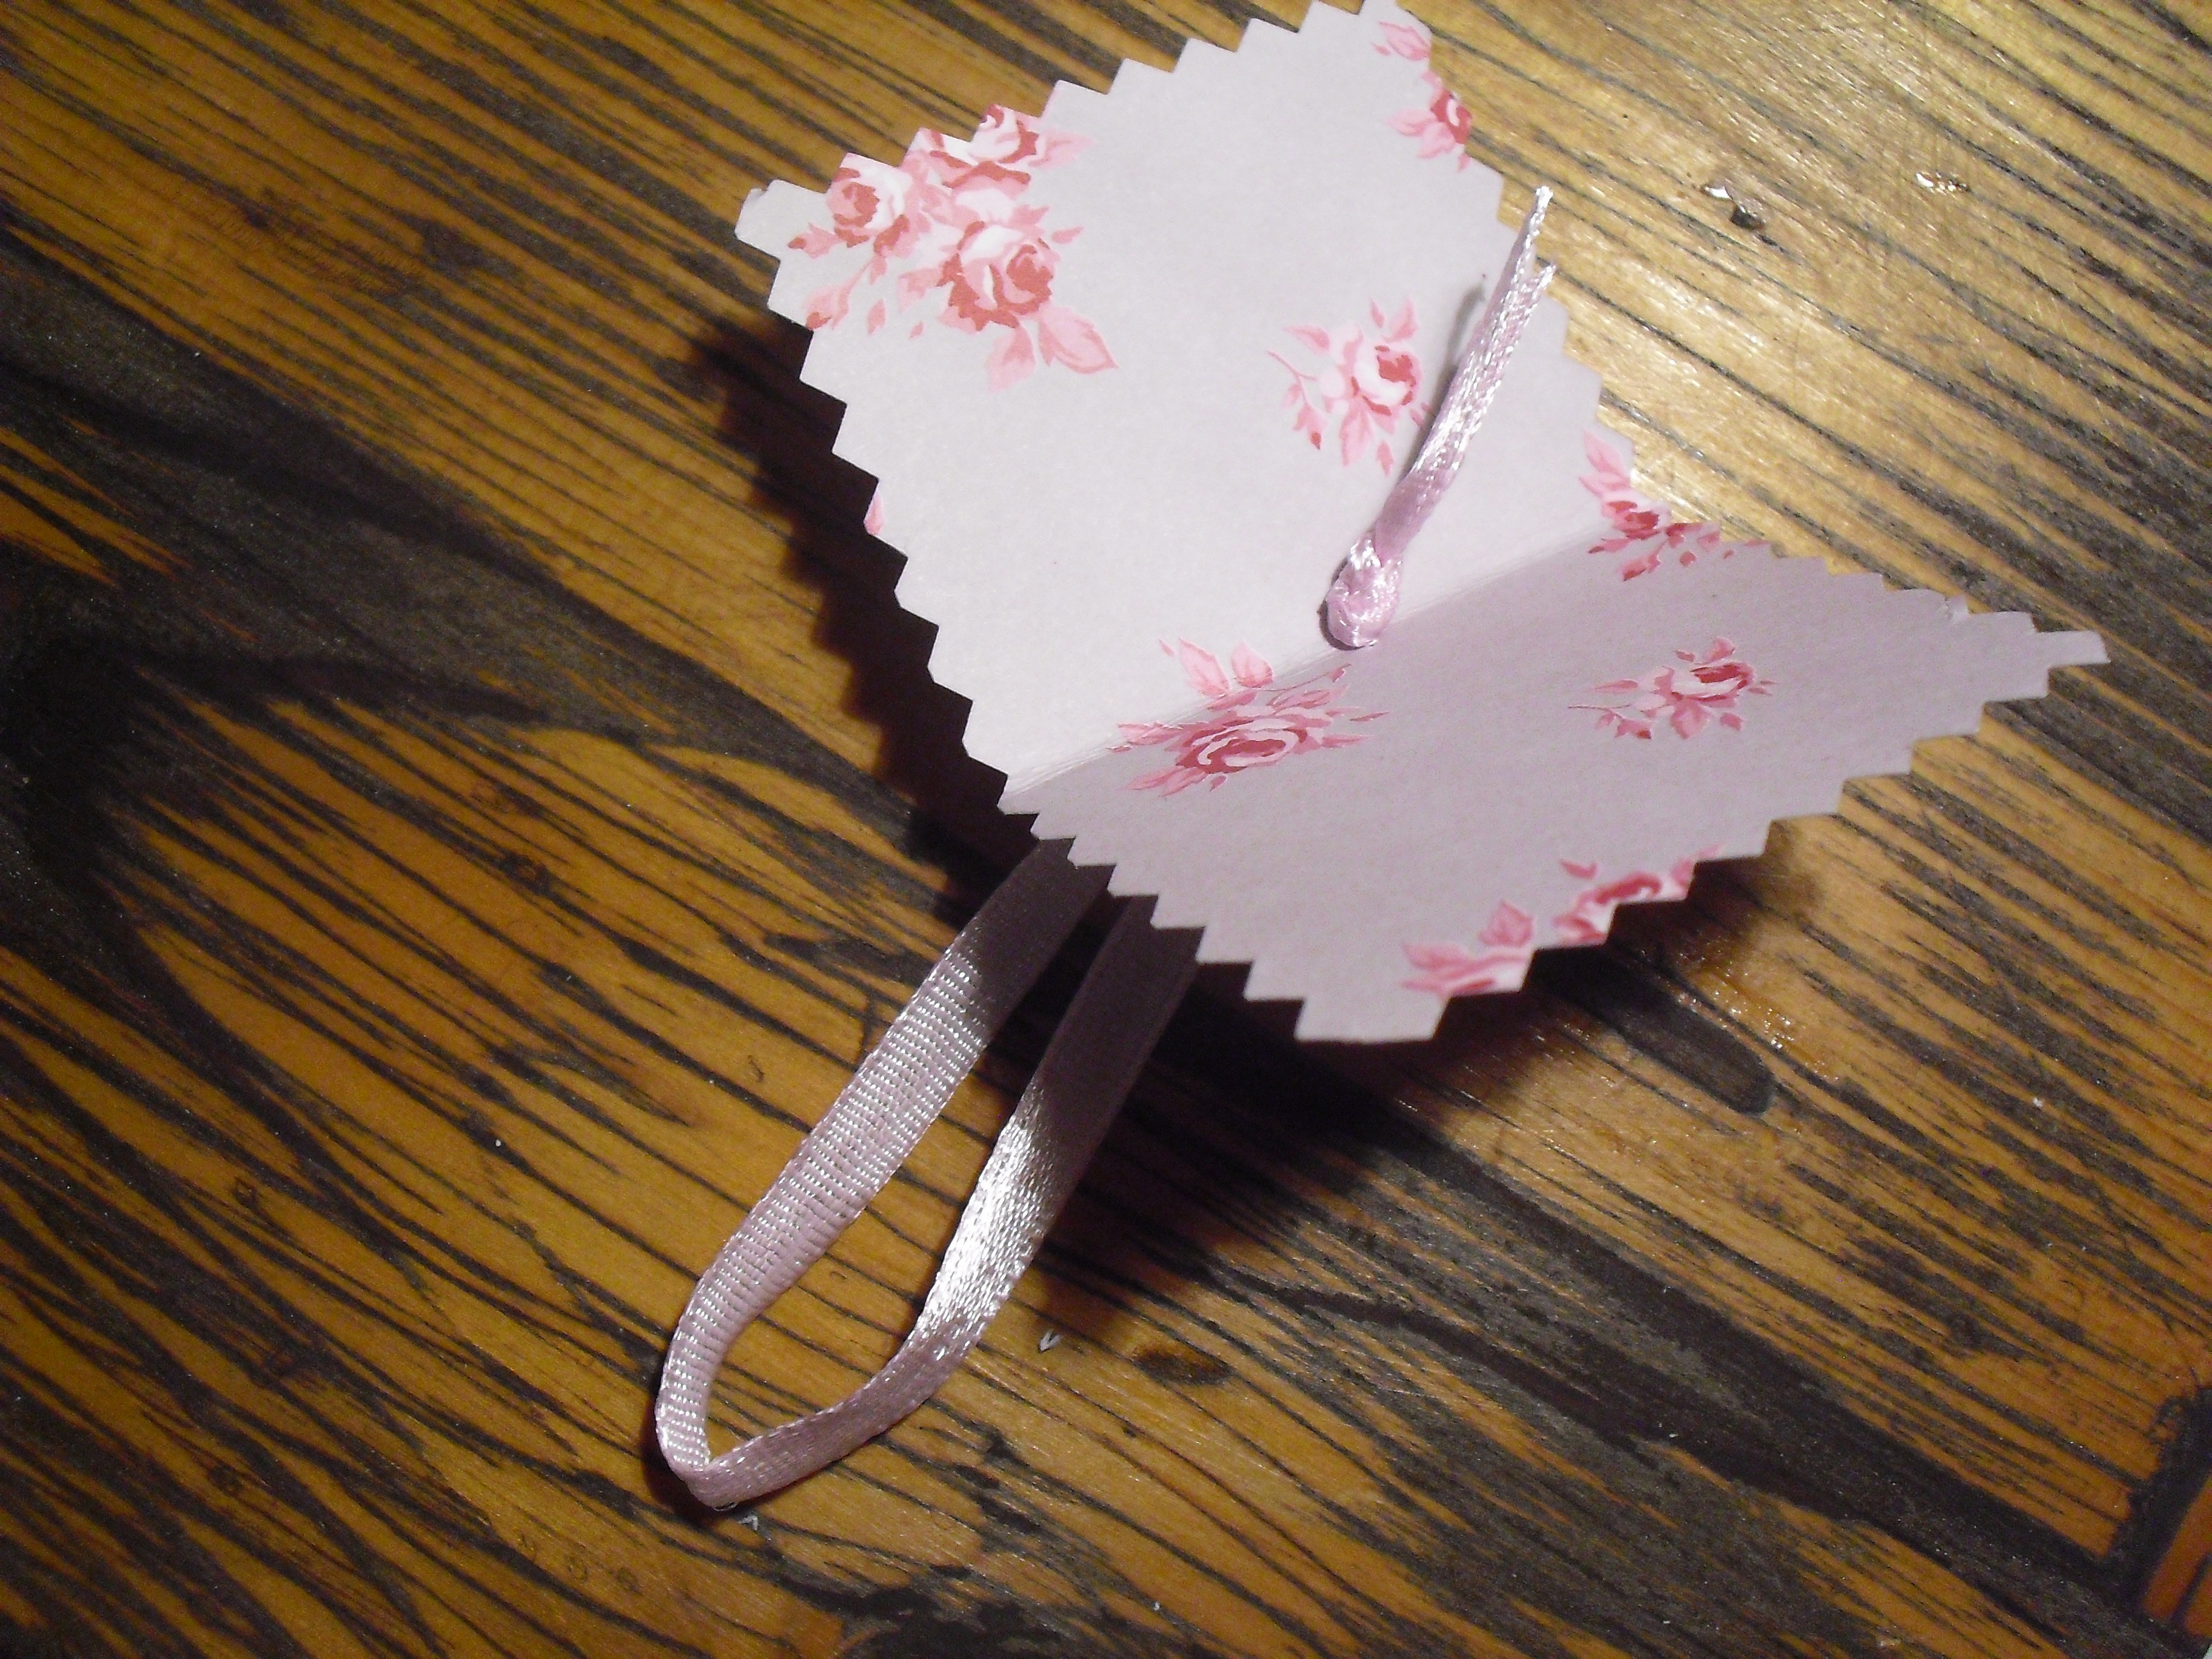 Weihnachts Diy  Weihnachts DIY 12 24 Vogelhäuschen Baumanhänger